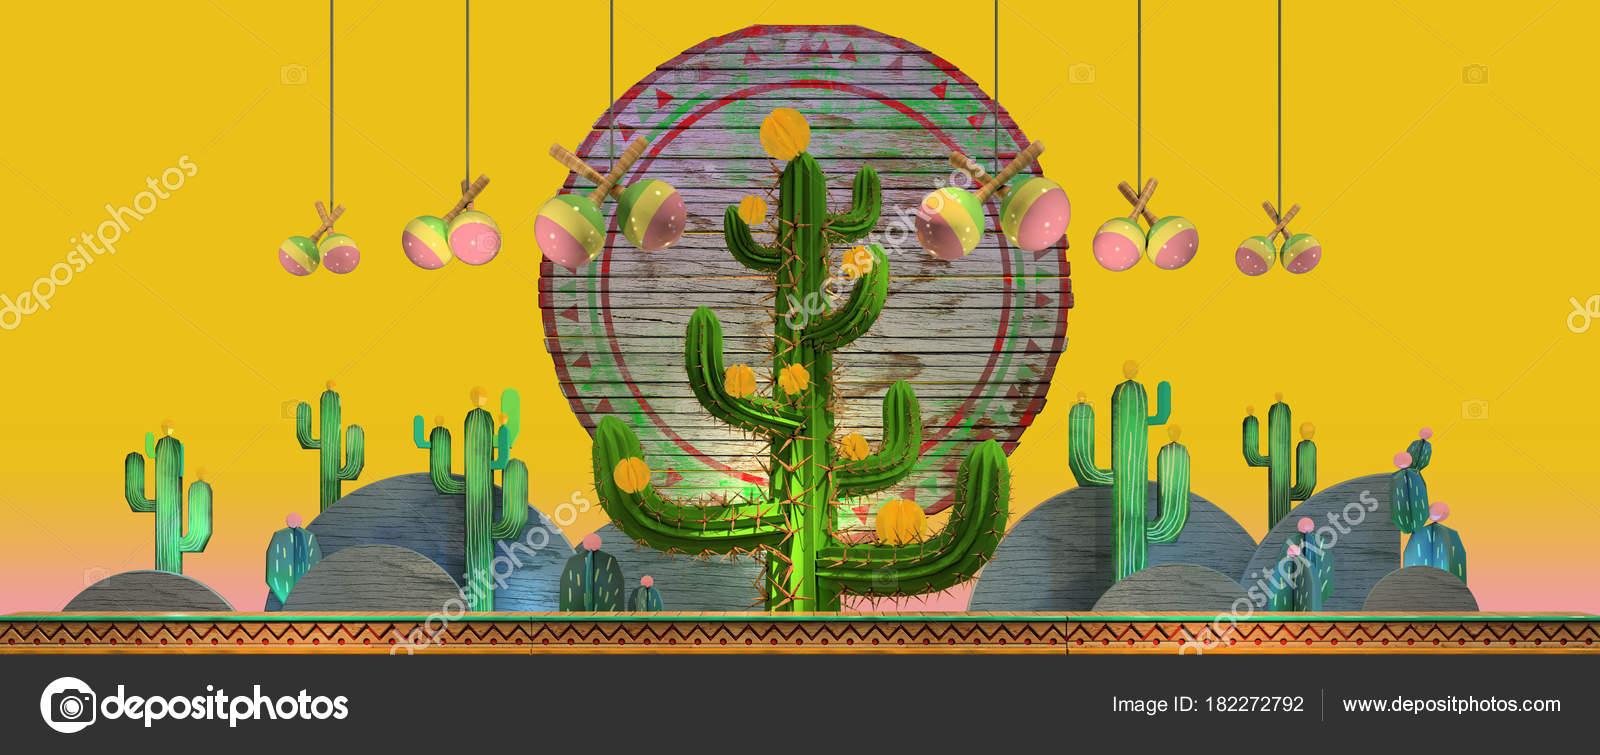 3c6c865de8739 Dibujos Animados Estilizadas Decoraciones Tema Mexicano Grandes Cactus Las  Colinas — Foto de Stock